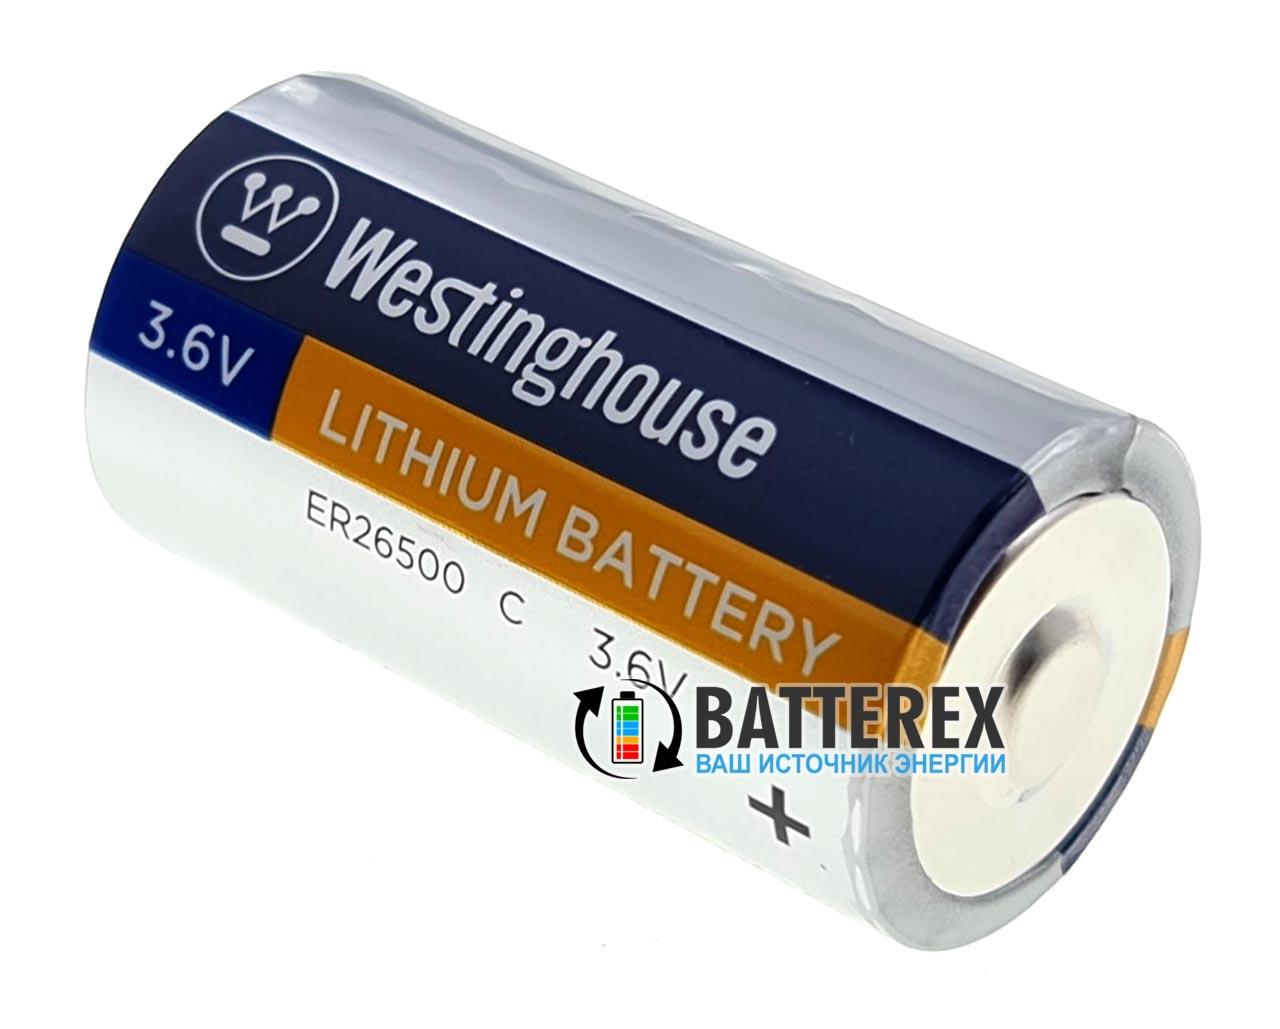 Батарейка литиевая Westinghouse ER26500 C 3.6V LiSOCl2